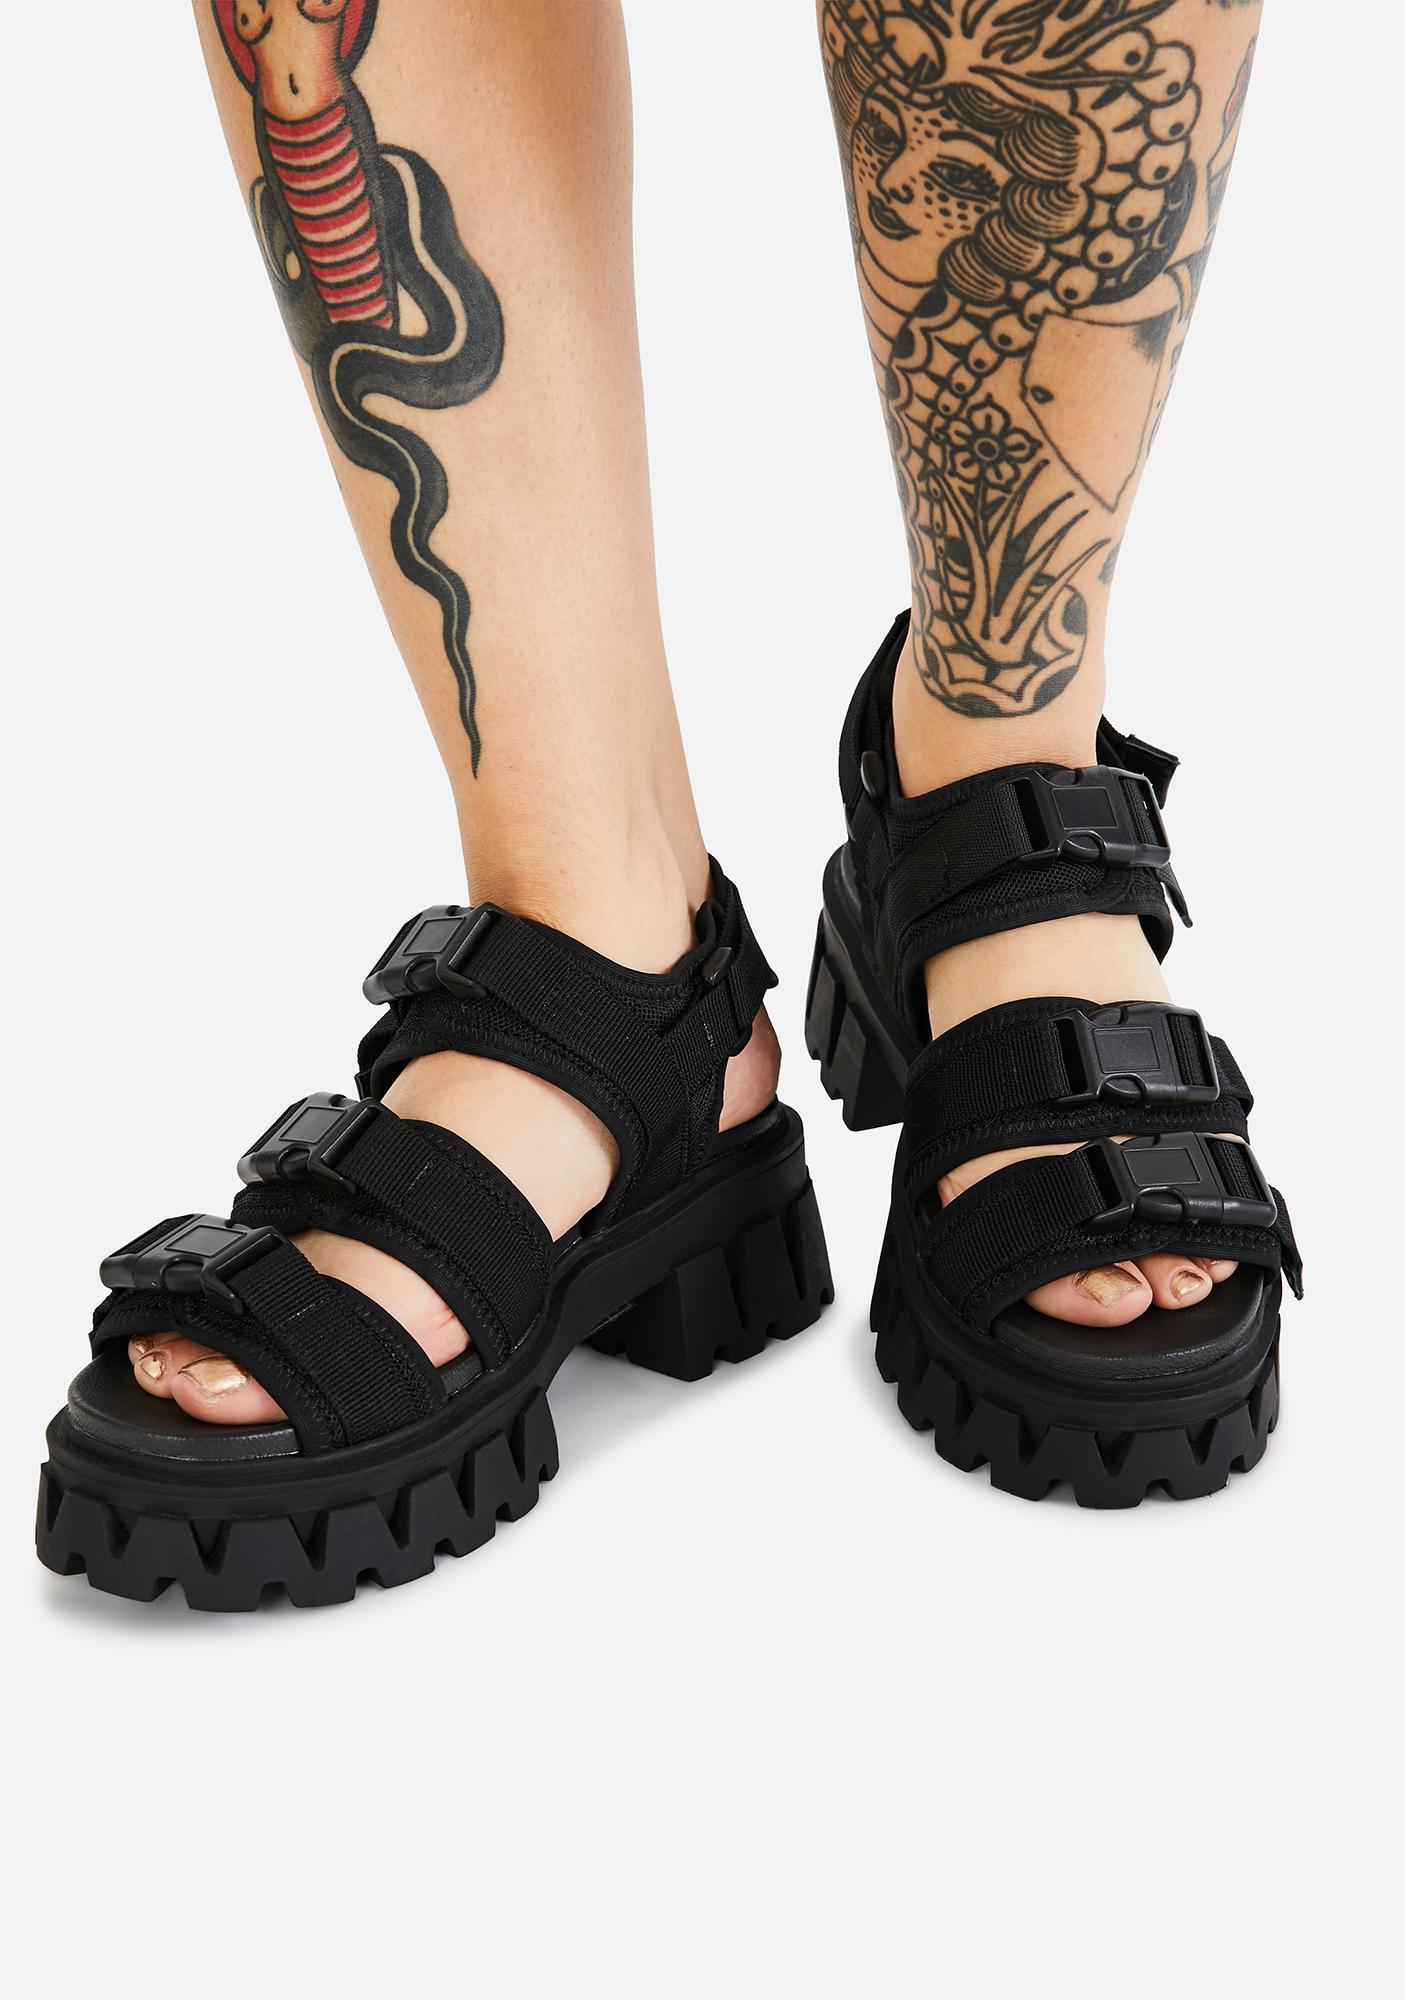 Koi Footwear Forlorn Buckle Sandals